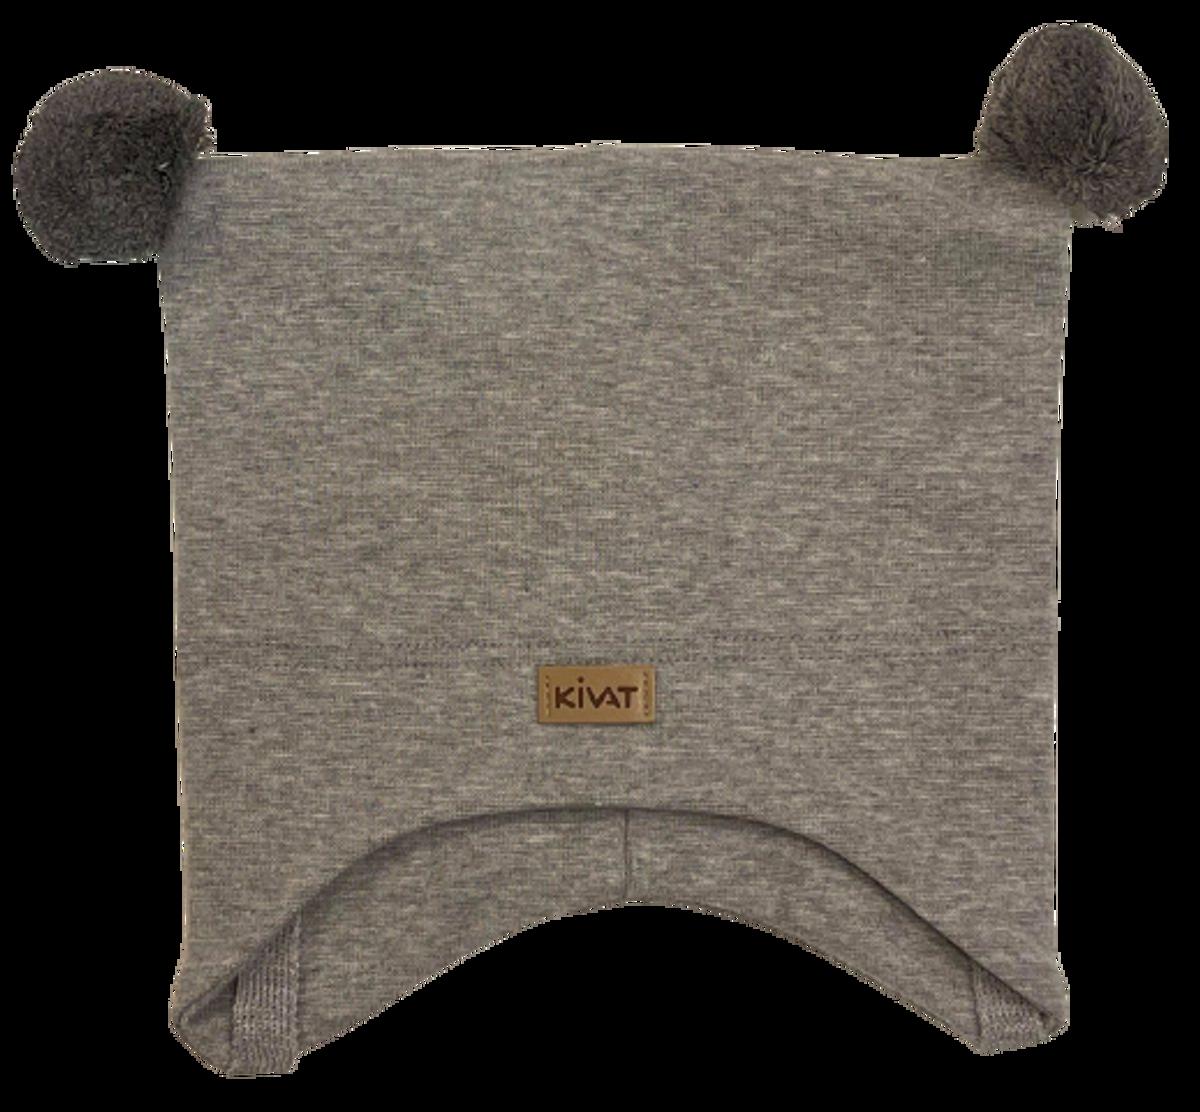 Kivat Logo knytelue m/dusker - grå